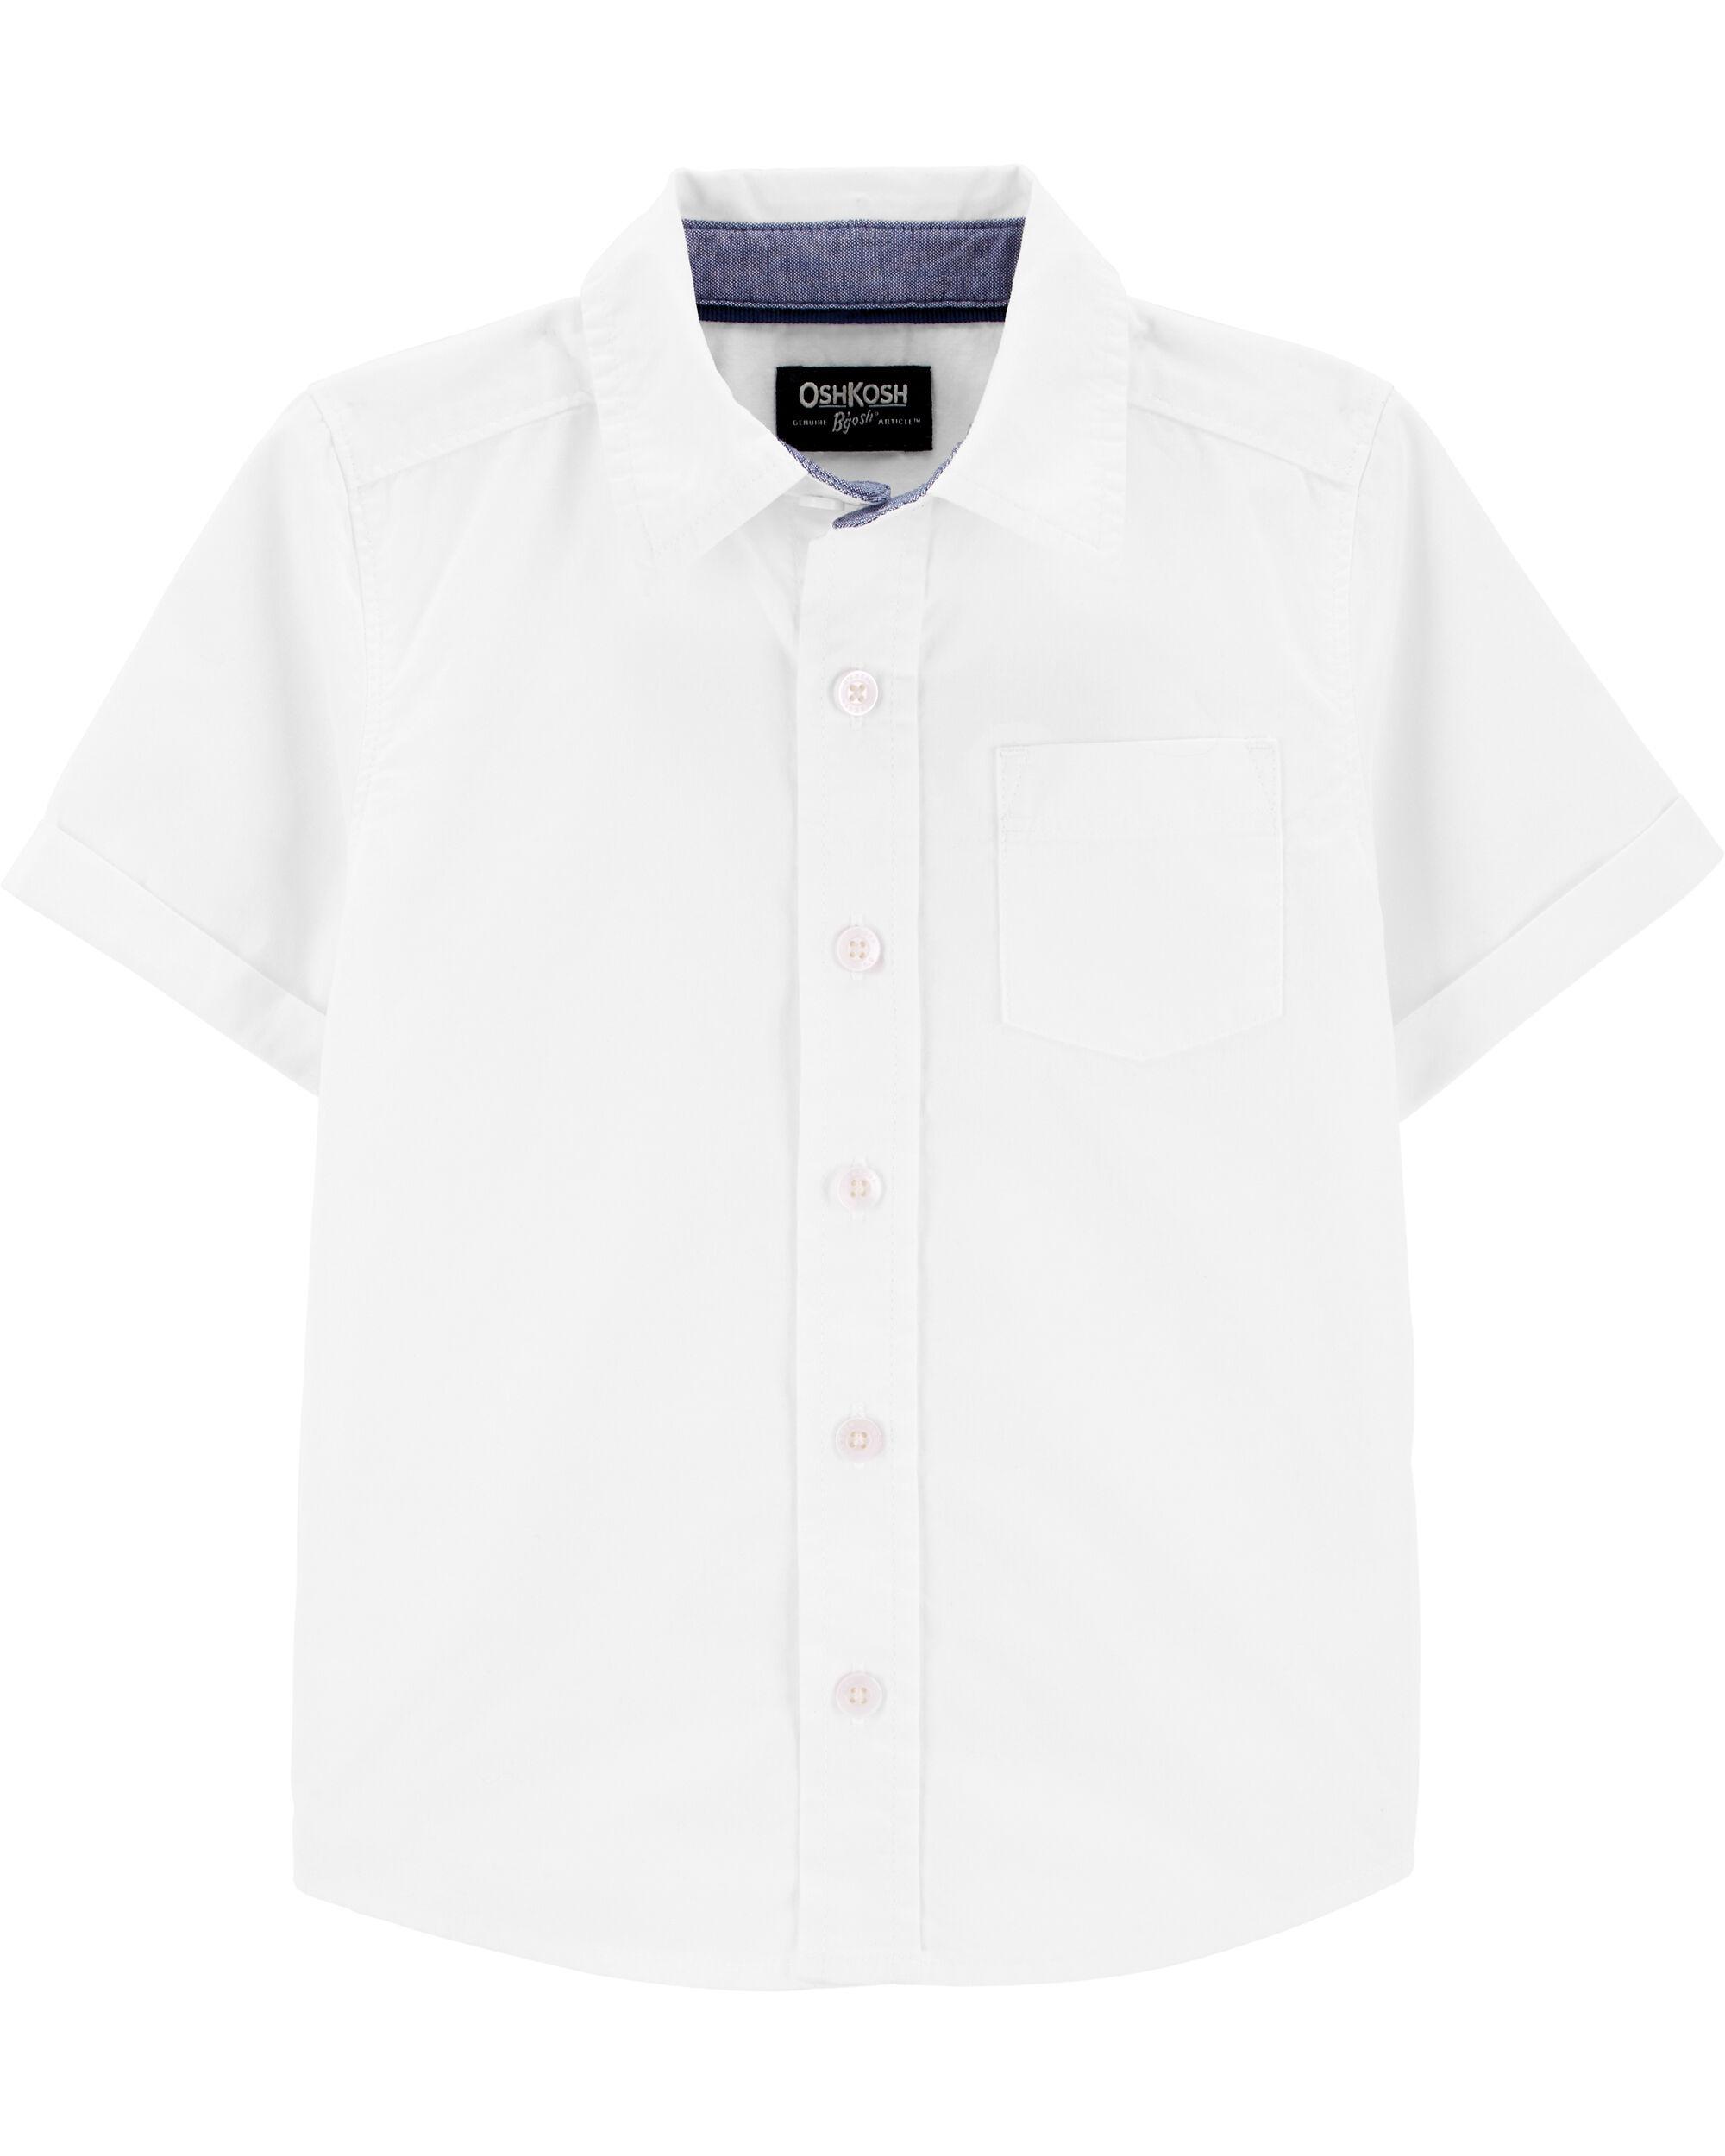 Oshkosh cămașă alba cu maneci scurte imagine